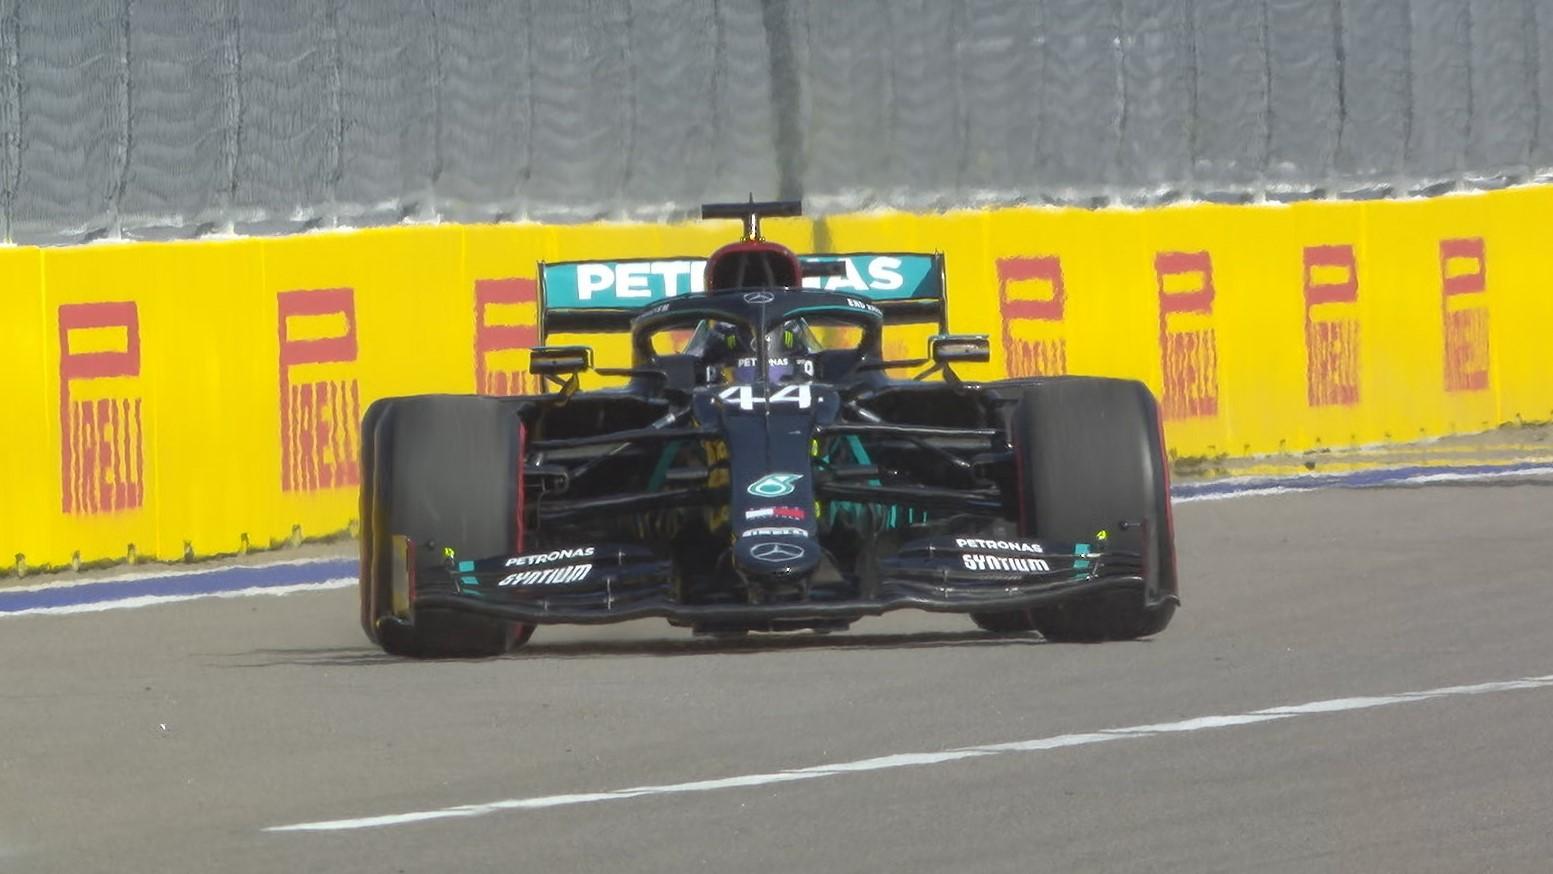 2020 Russian Grand Prix: Hamilton under investigation for practice start